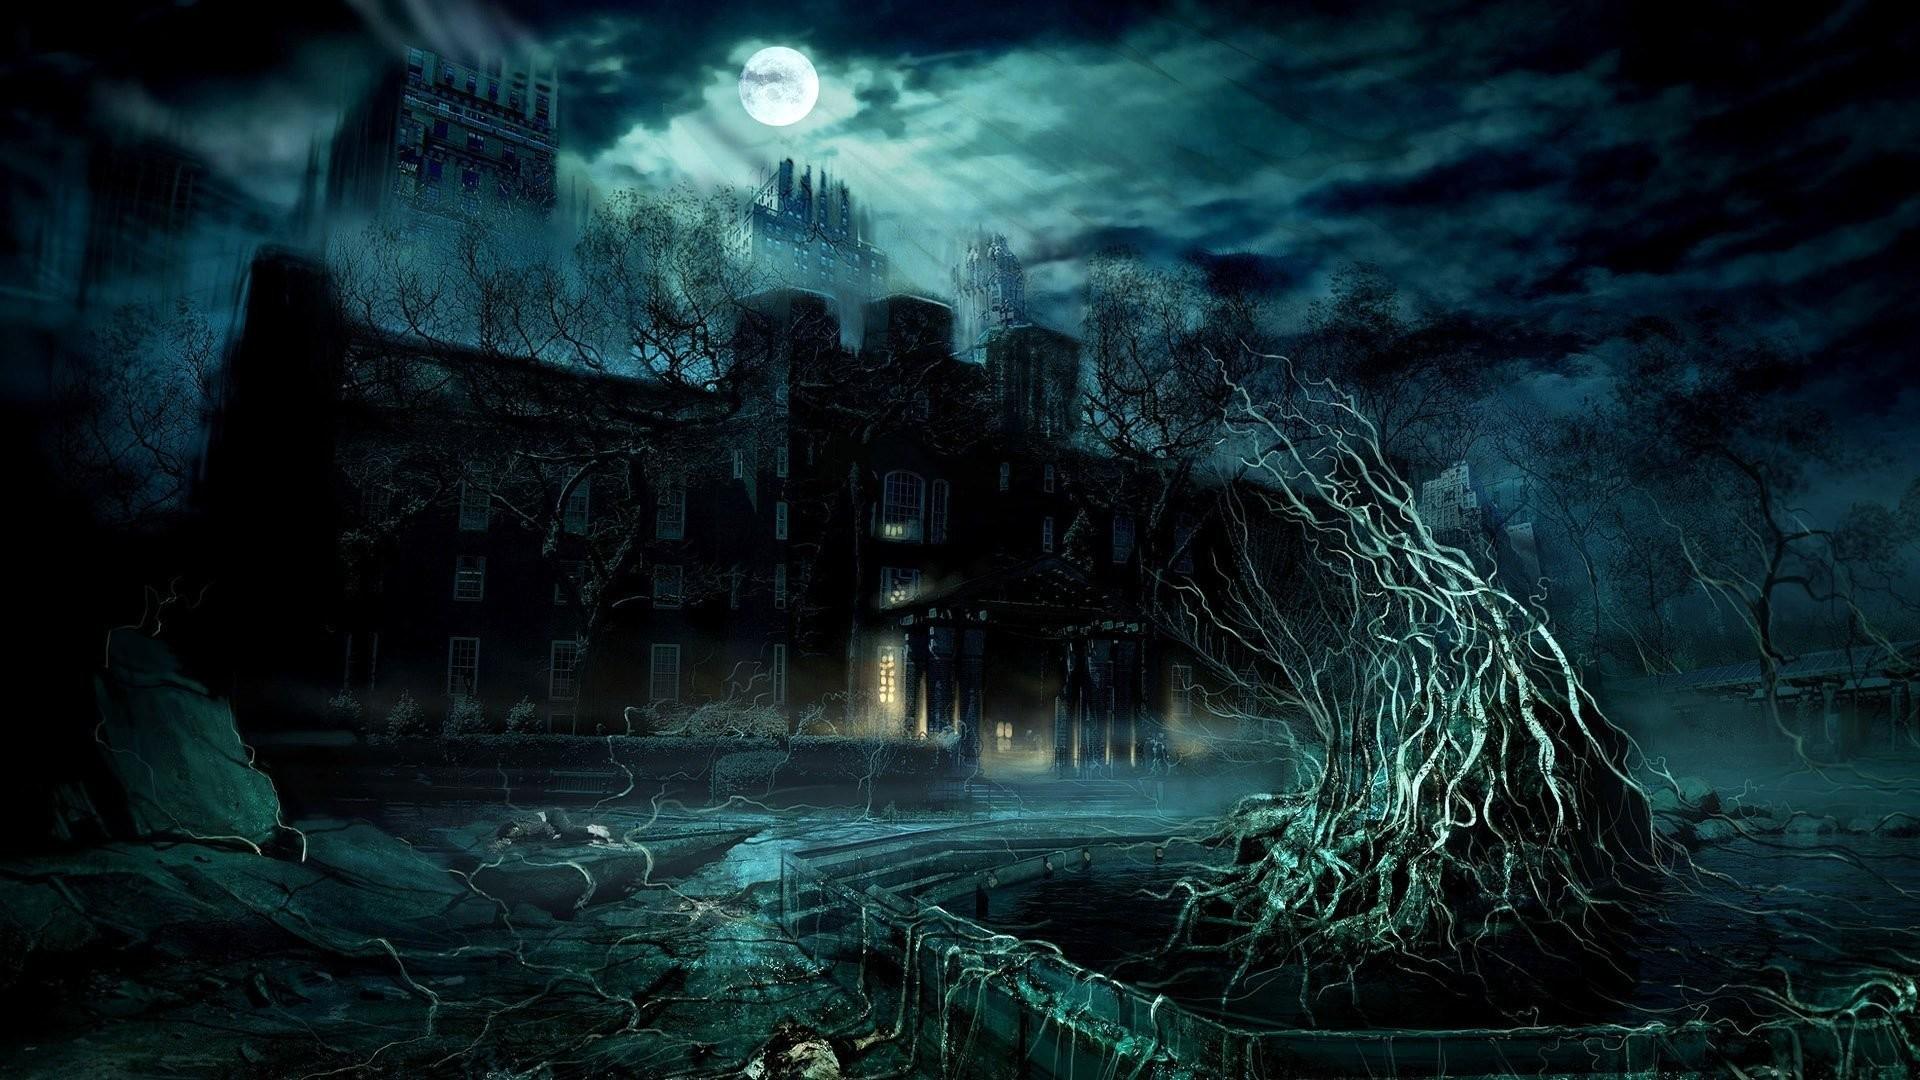 Dark Mansion Under The Full Moon